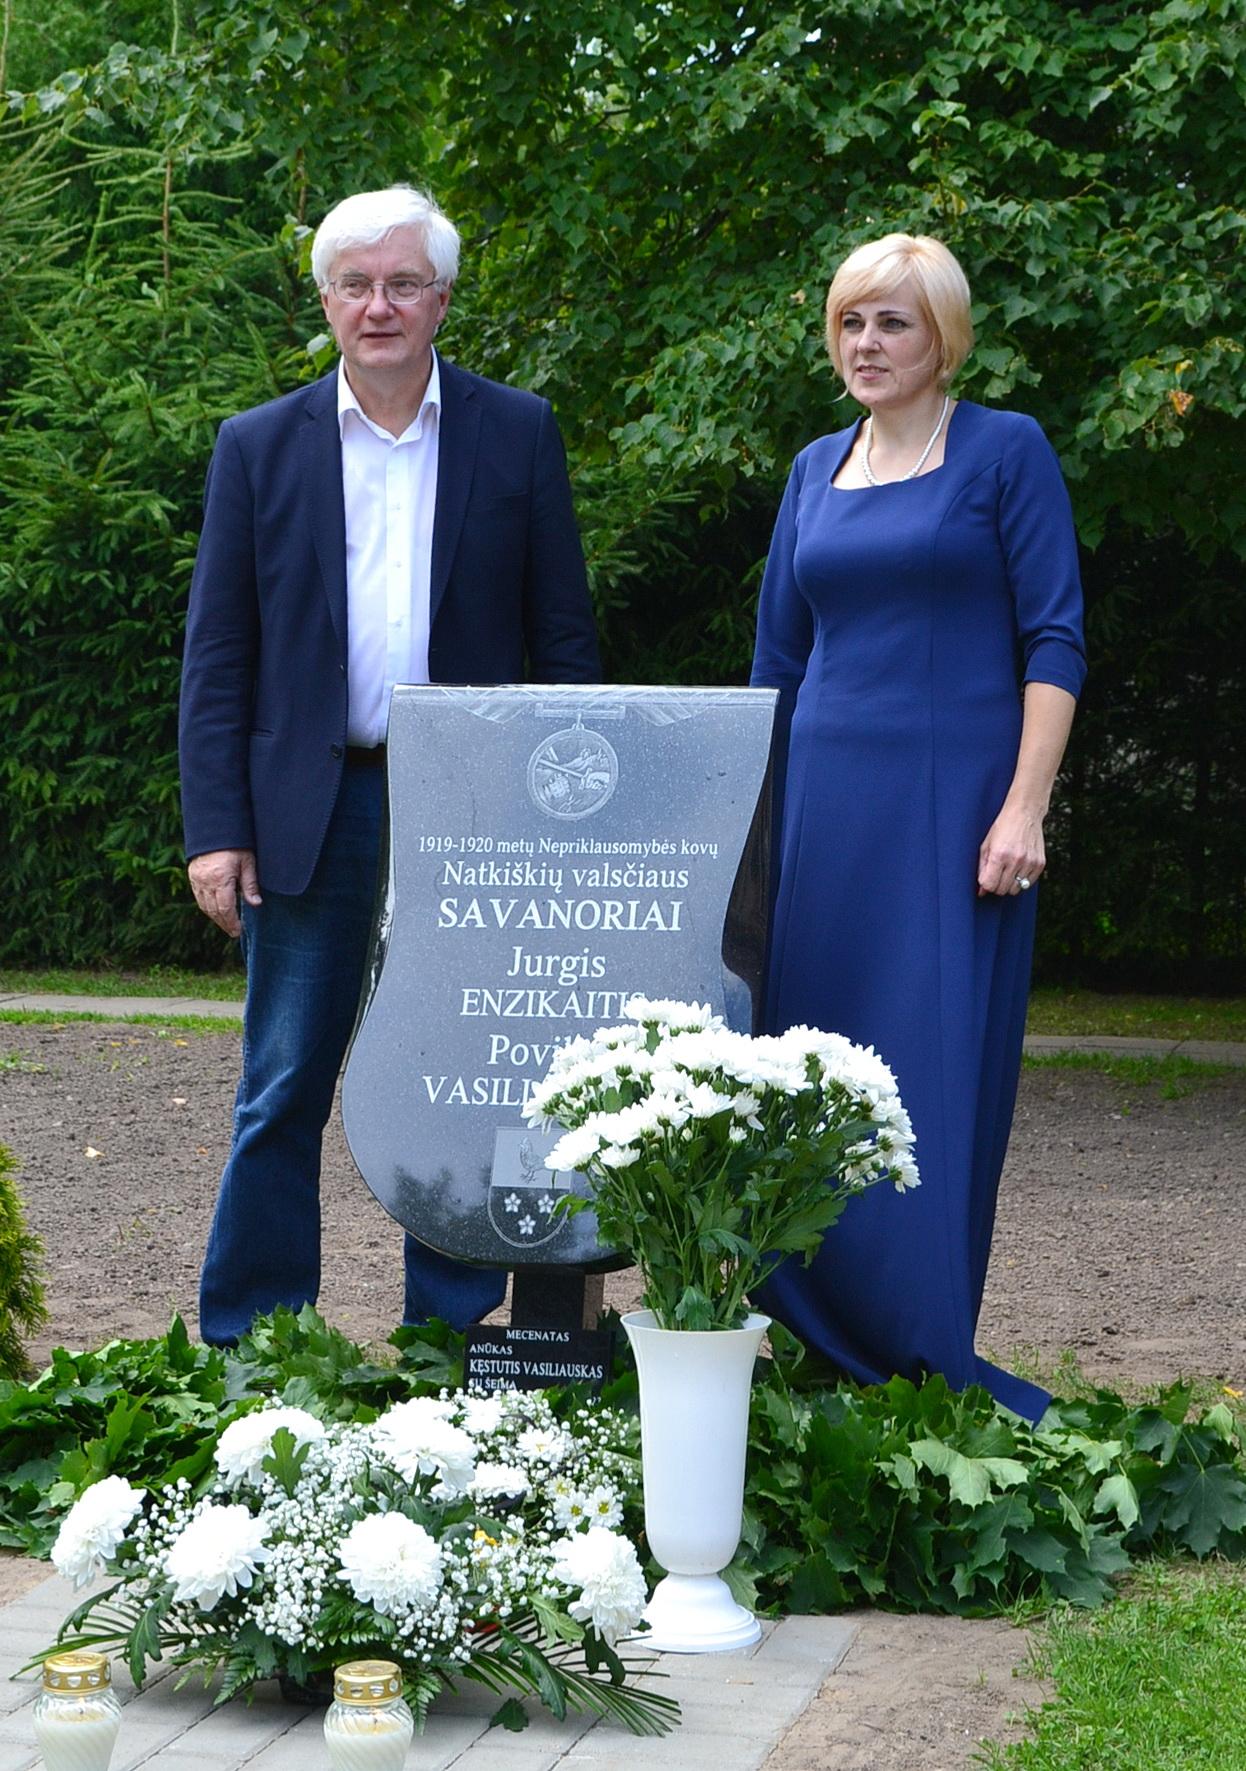 Prie paminklo – idėjos autorius Vilius Kavaliauskas ir seniūnė Vilyta Sirtautienė.